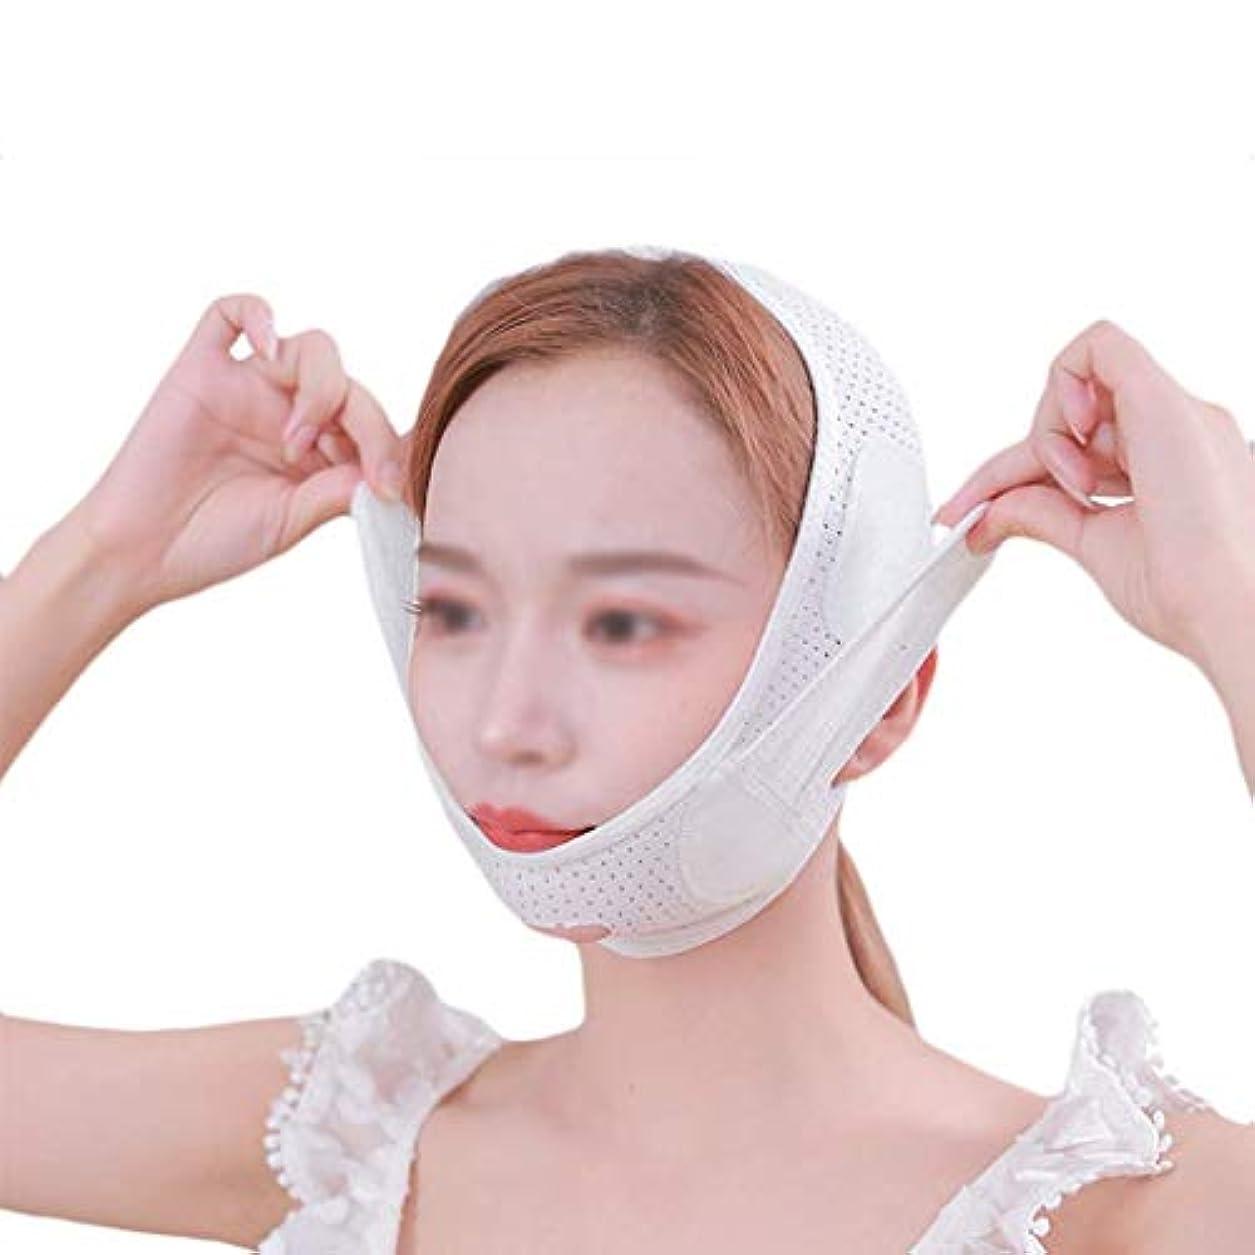 胸邪魔する哺乳類フェイシャルリフティング包帯、頬スリミングマスク包帯、フェイスリフティングファーミングフェースリフティング、リフティングダブルチンフェイシャルマスク(ホワイト、フリーサイズ)